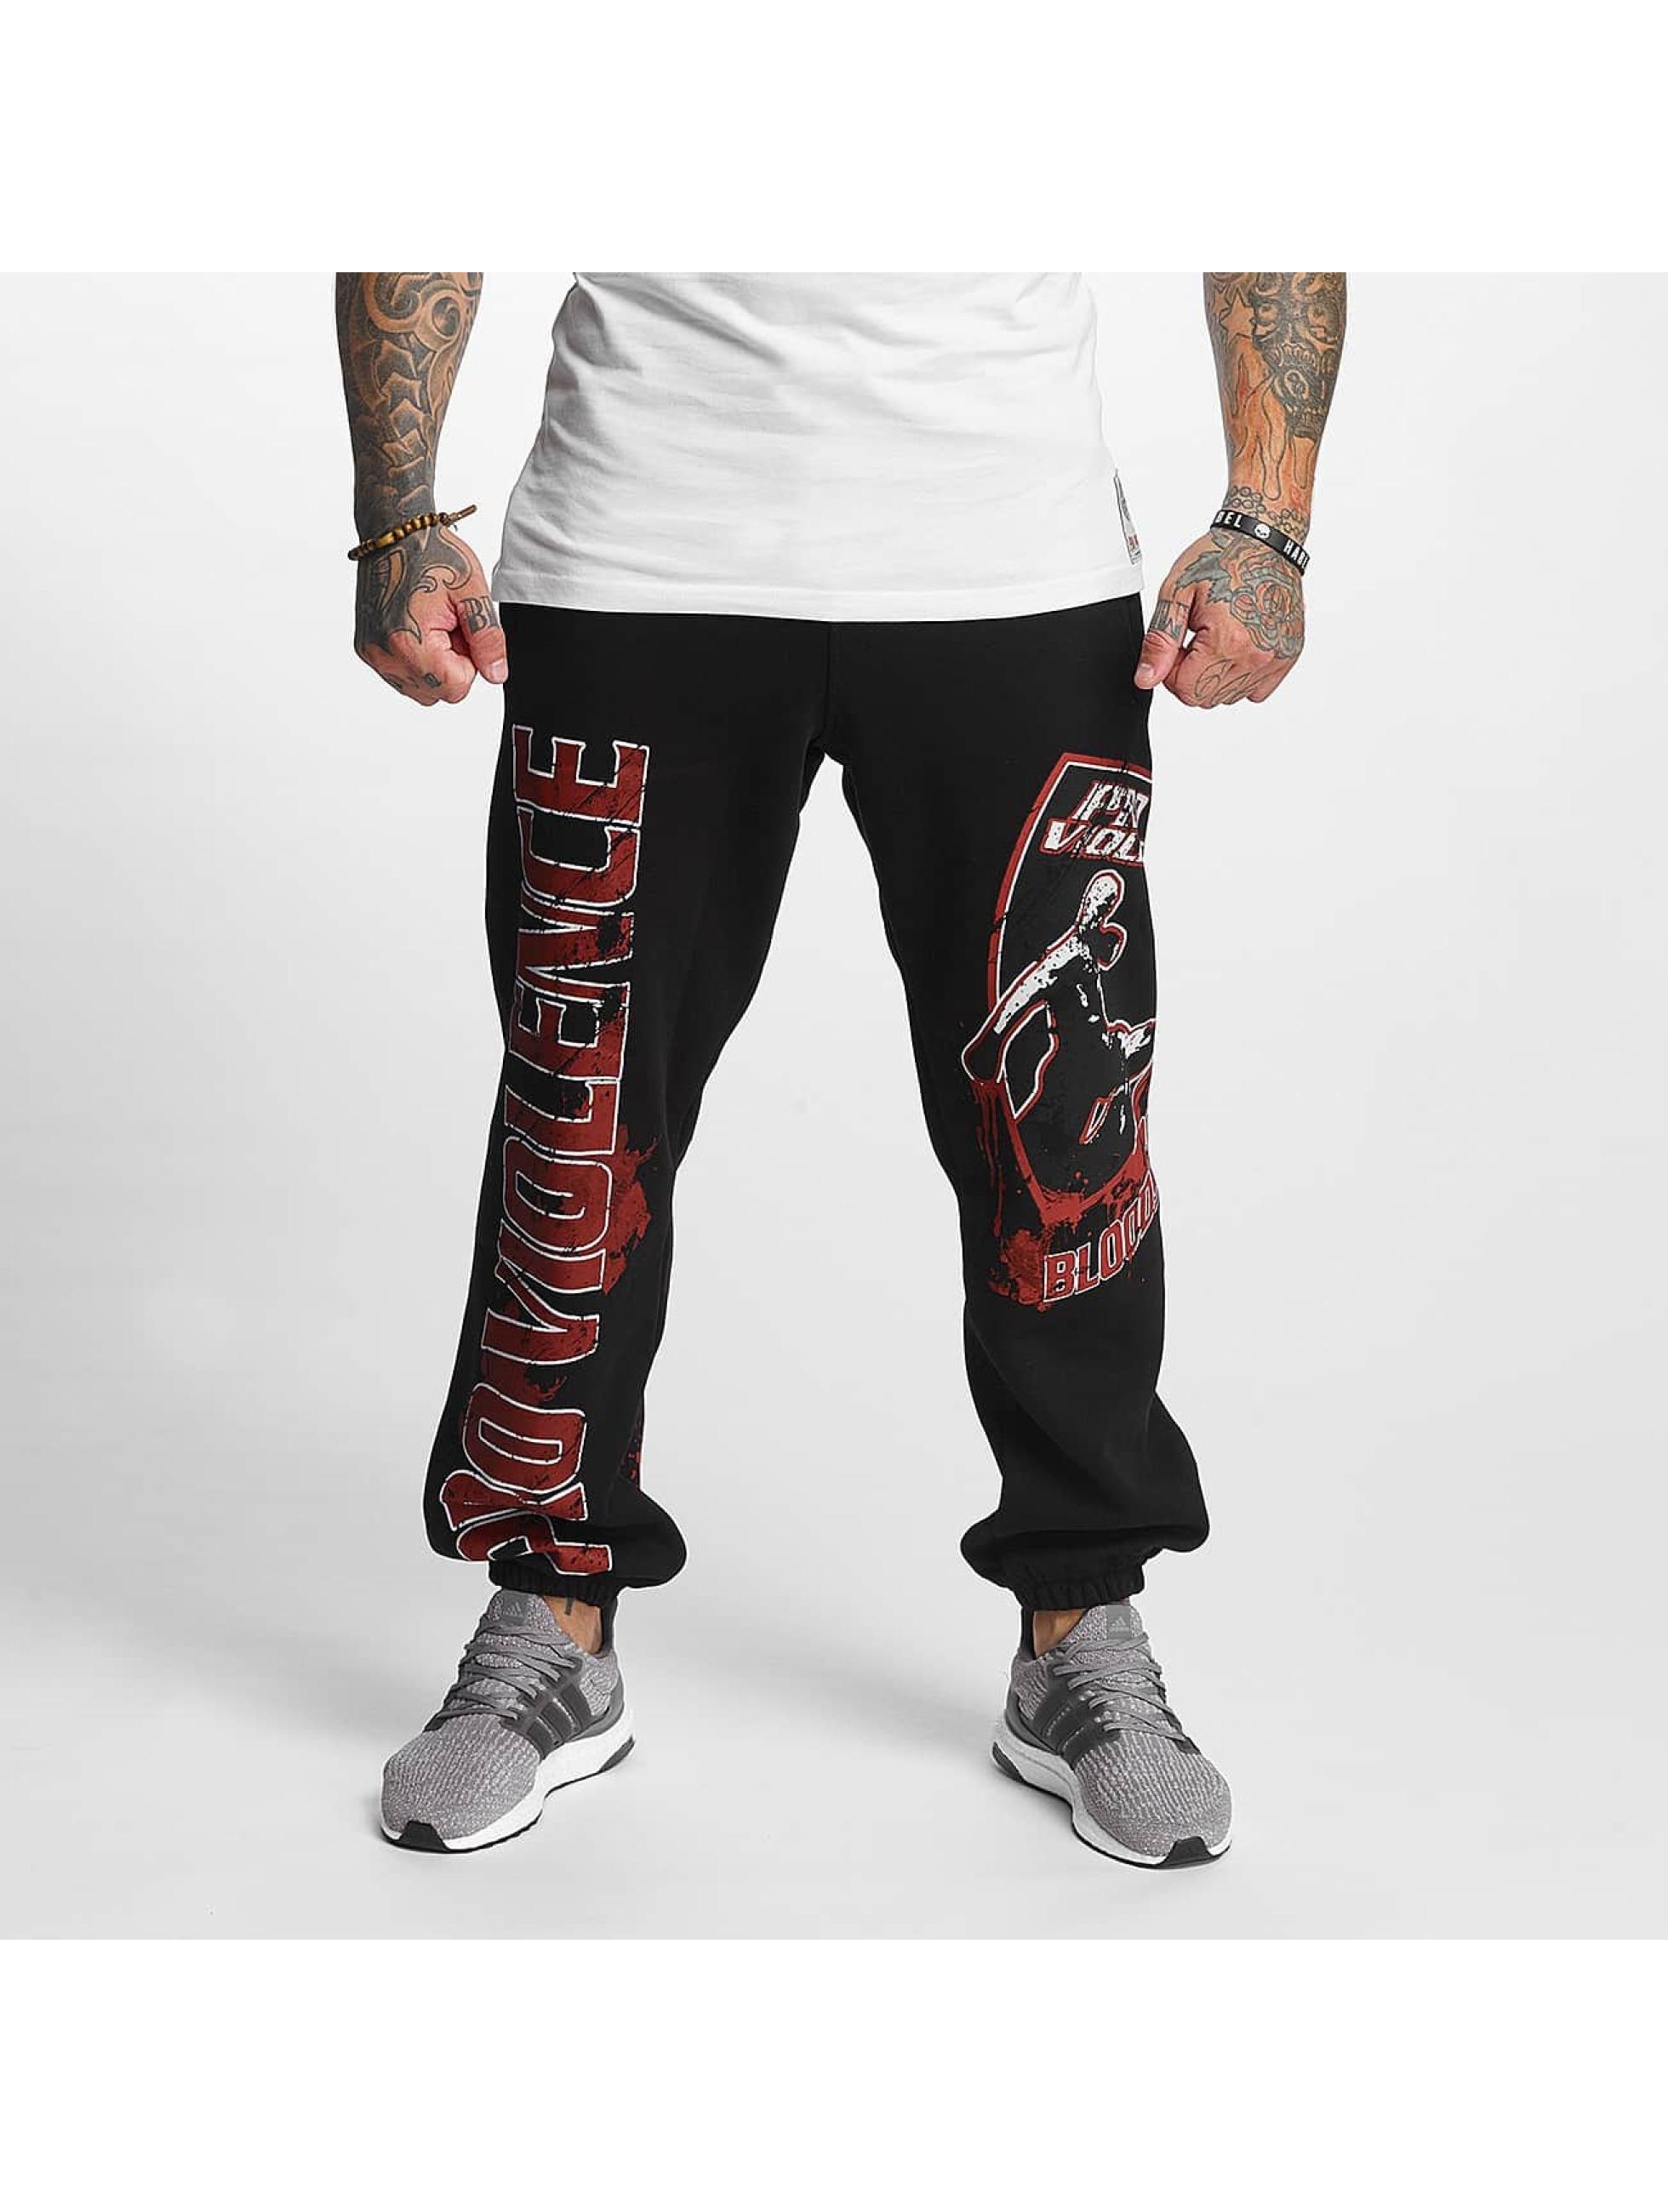 Pro Violence Streetwear tepláky Bloodsport èierna